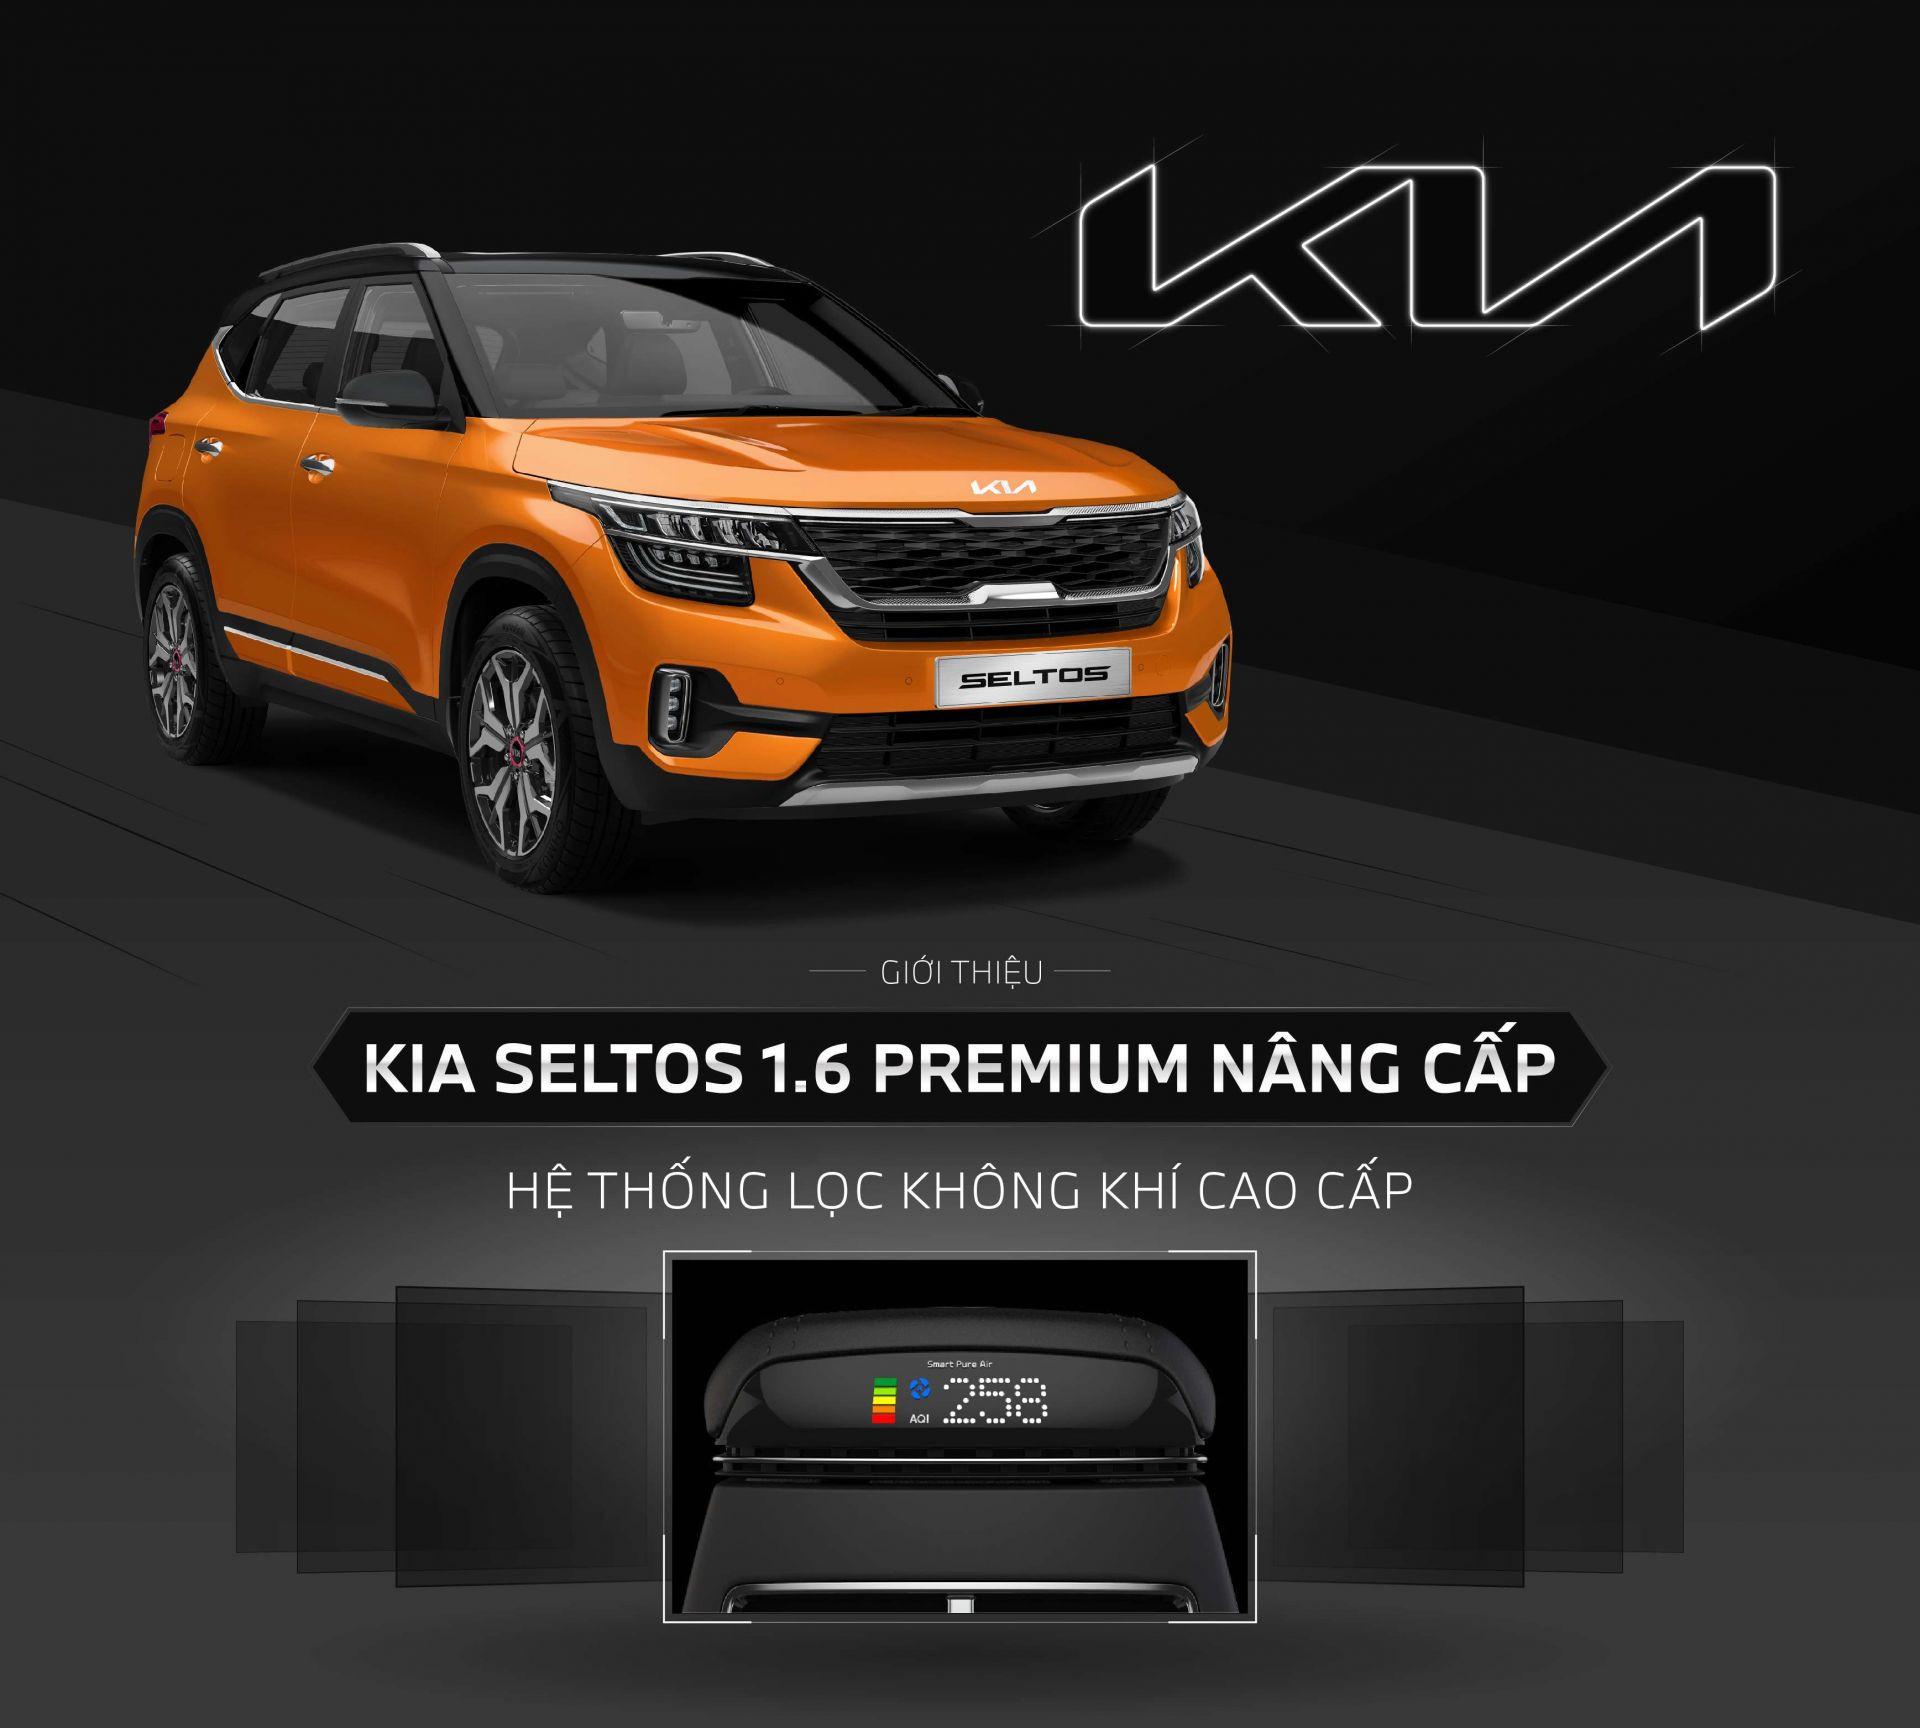 Kia Seltos nâng cấp hệ thống điều hoà và logo